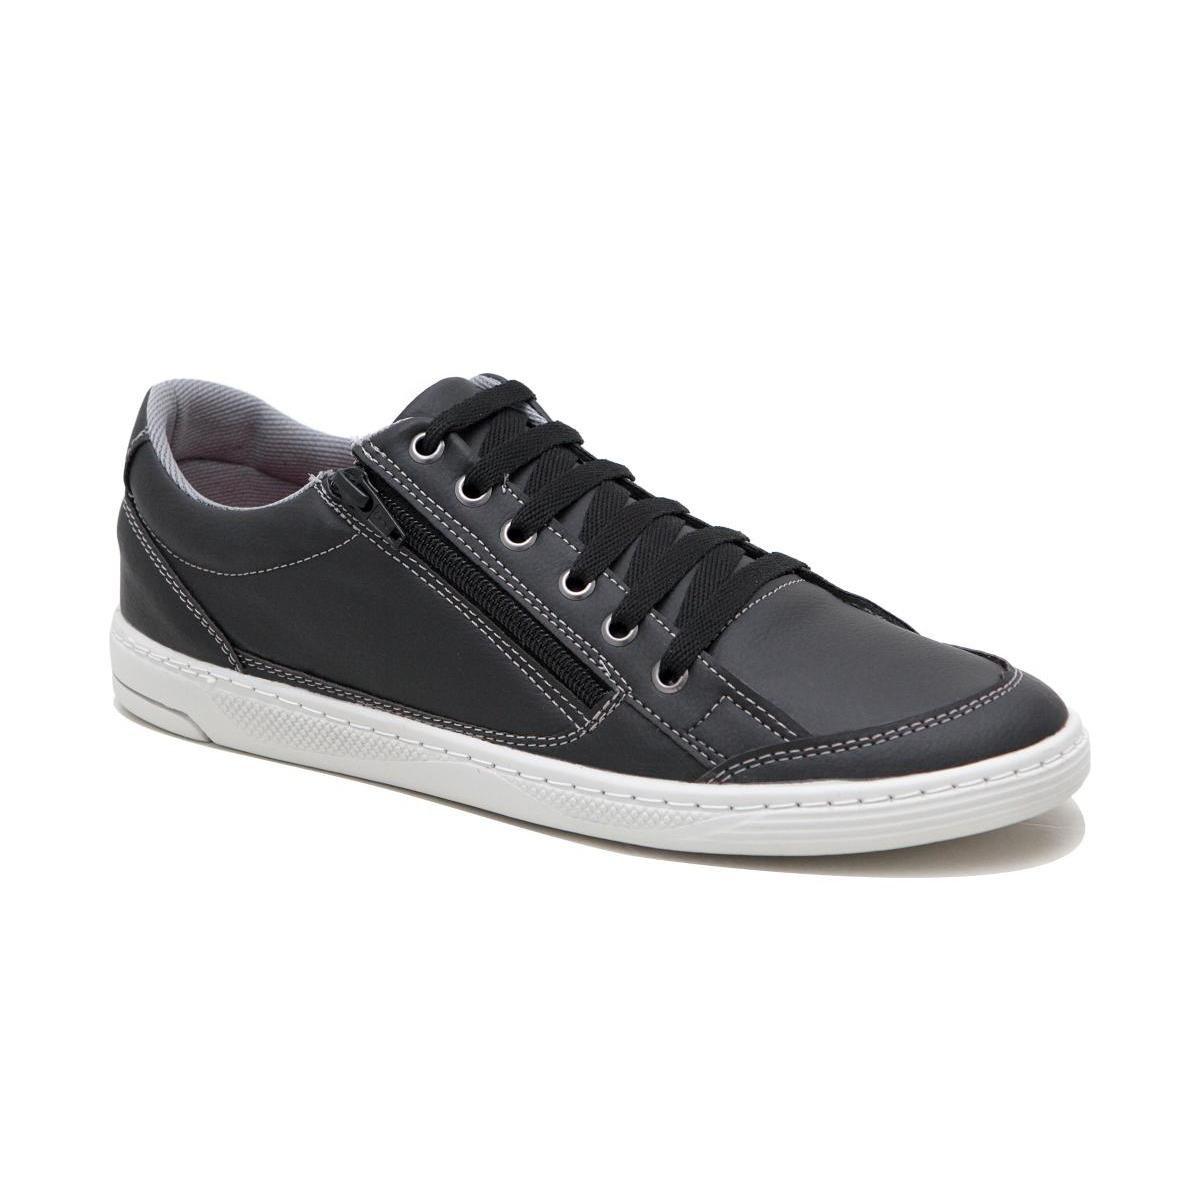 068e6ccd96 Sapatênis Casual Básico Zíper Doc Shoes Masculino - Compre Agora ...